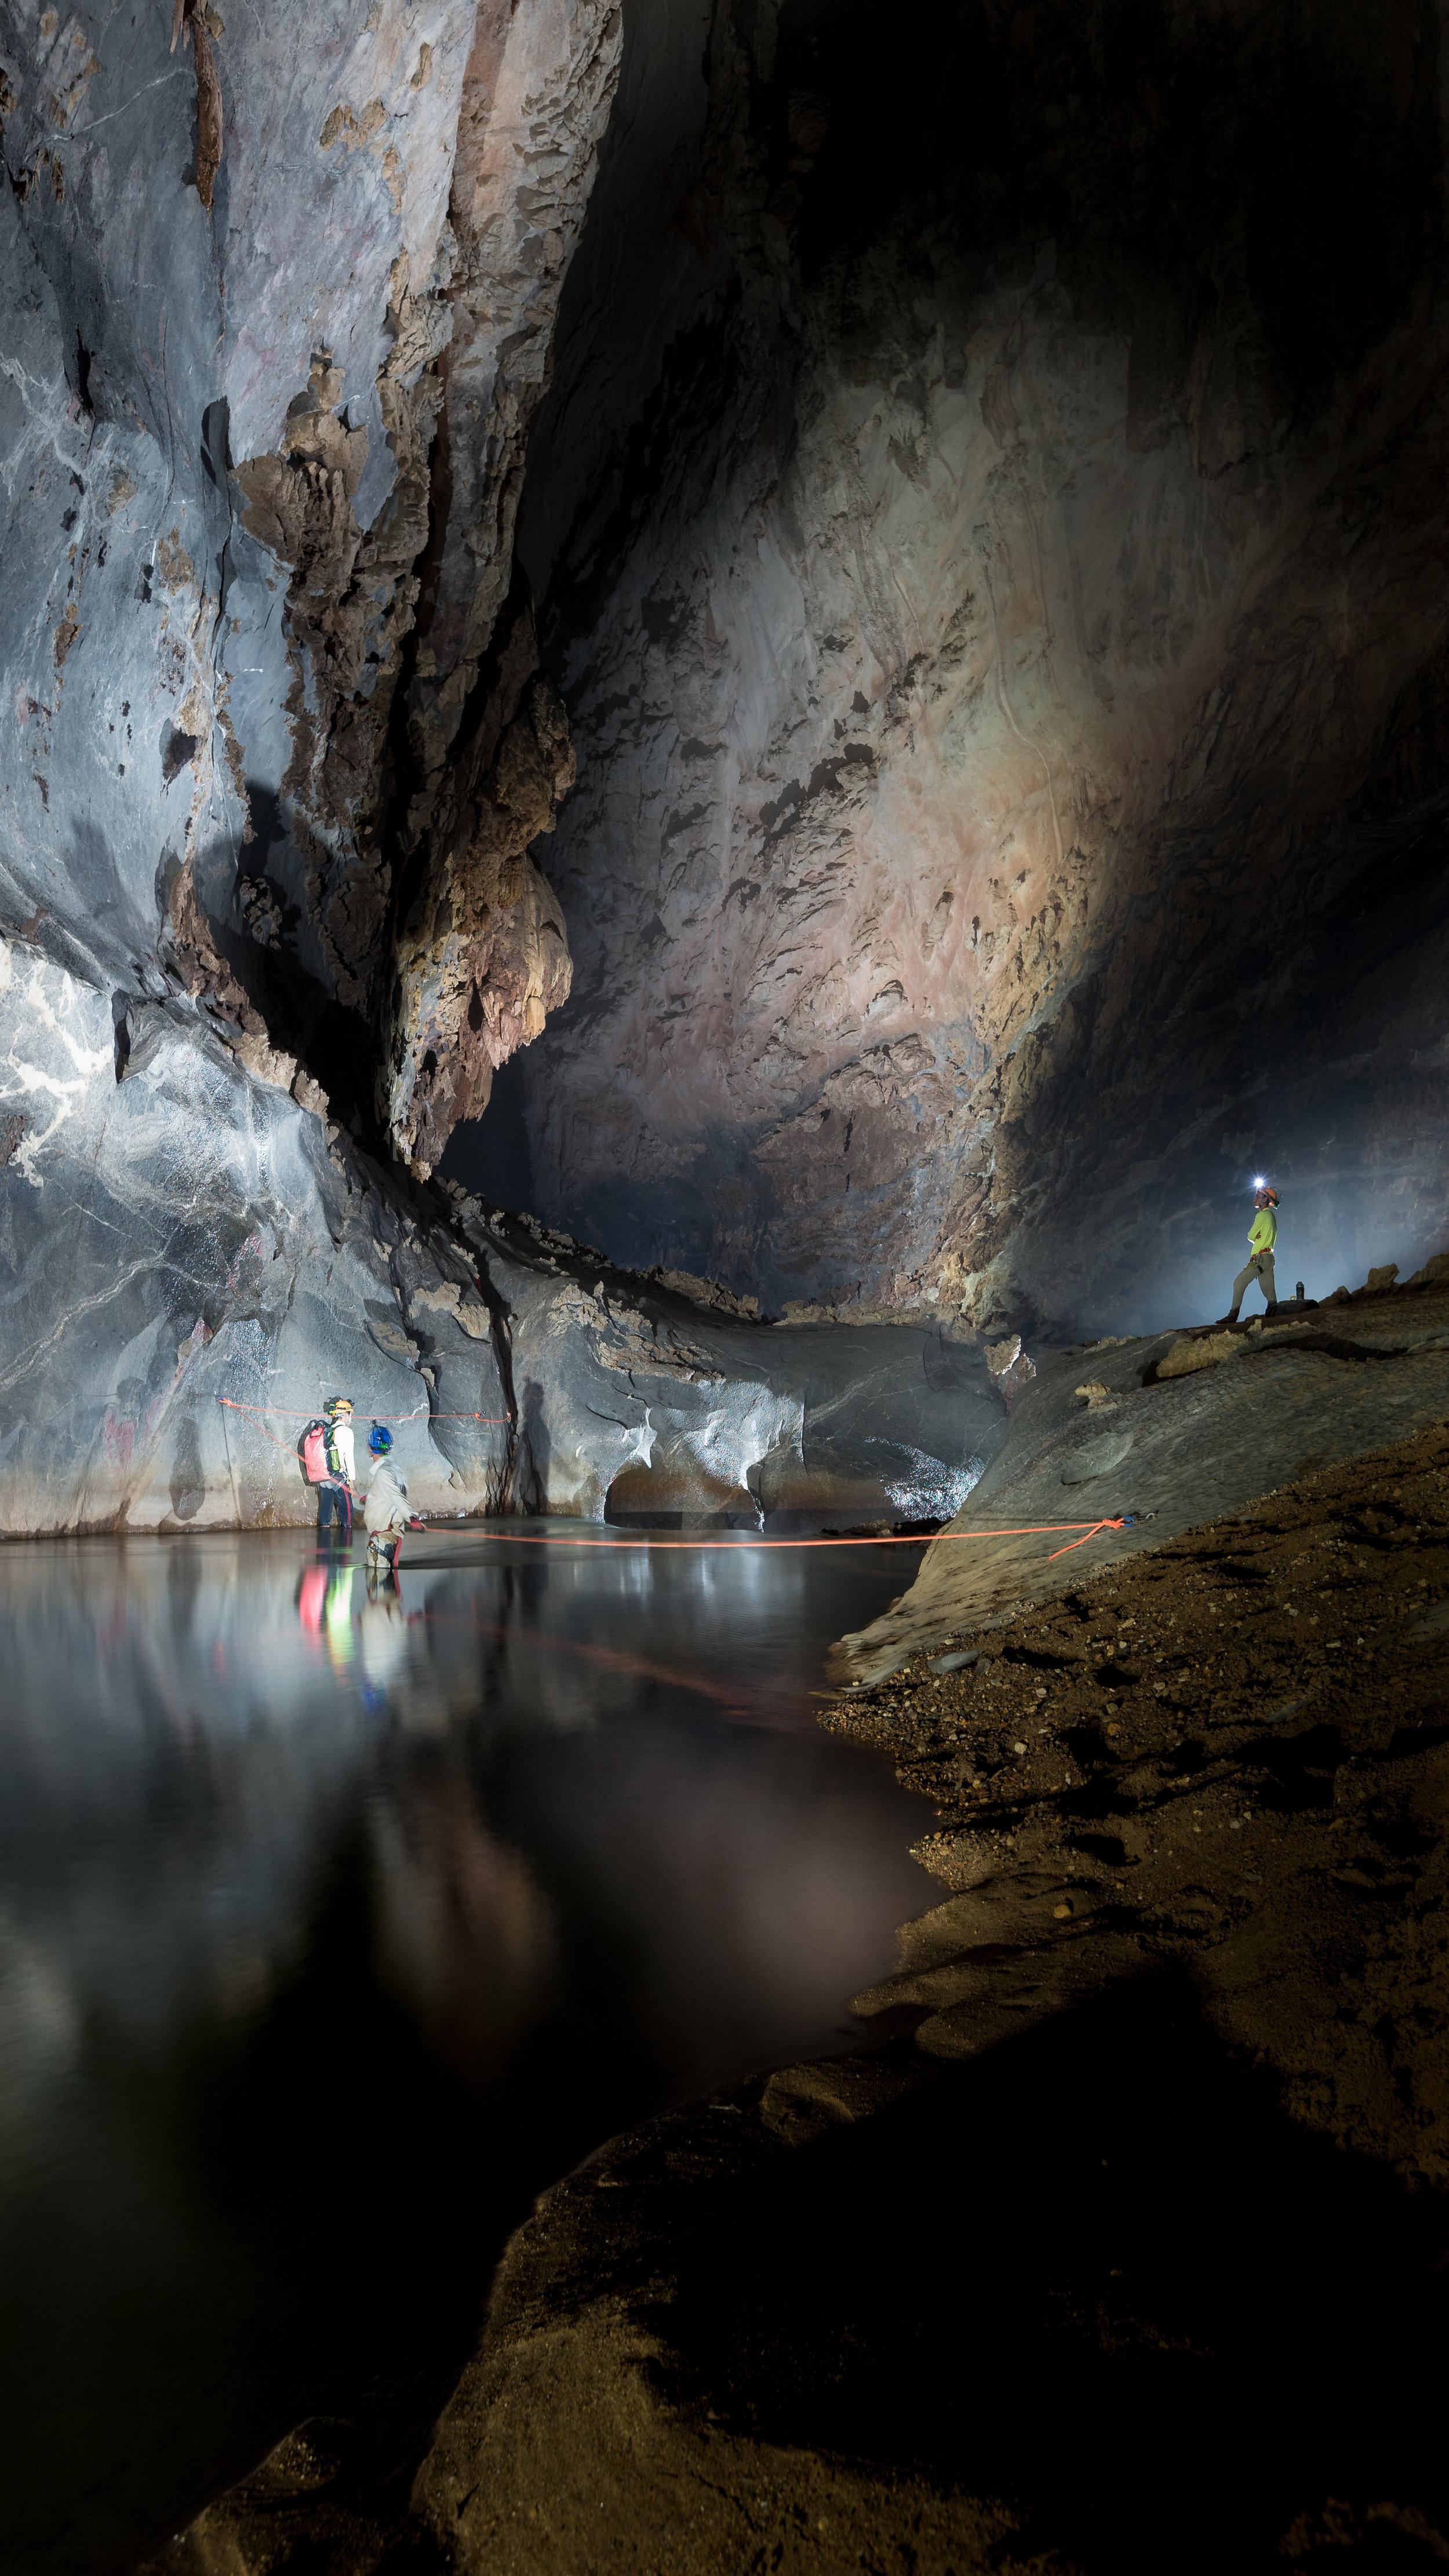 Hang Son Doong Cave inside river crossing Gregg Jaden